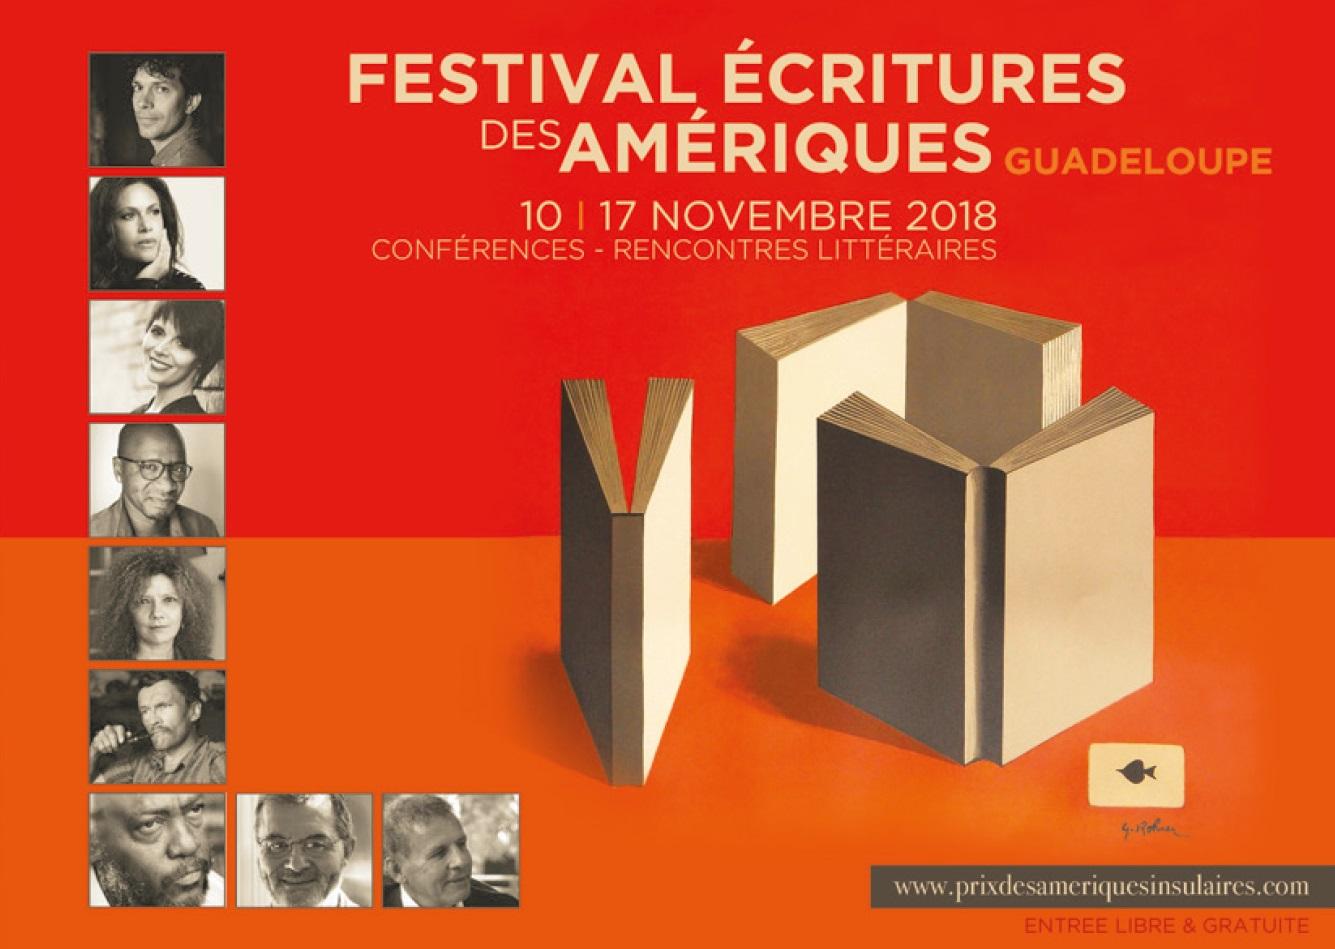 Couverture du livret du Festival Ecritures des Amériques